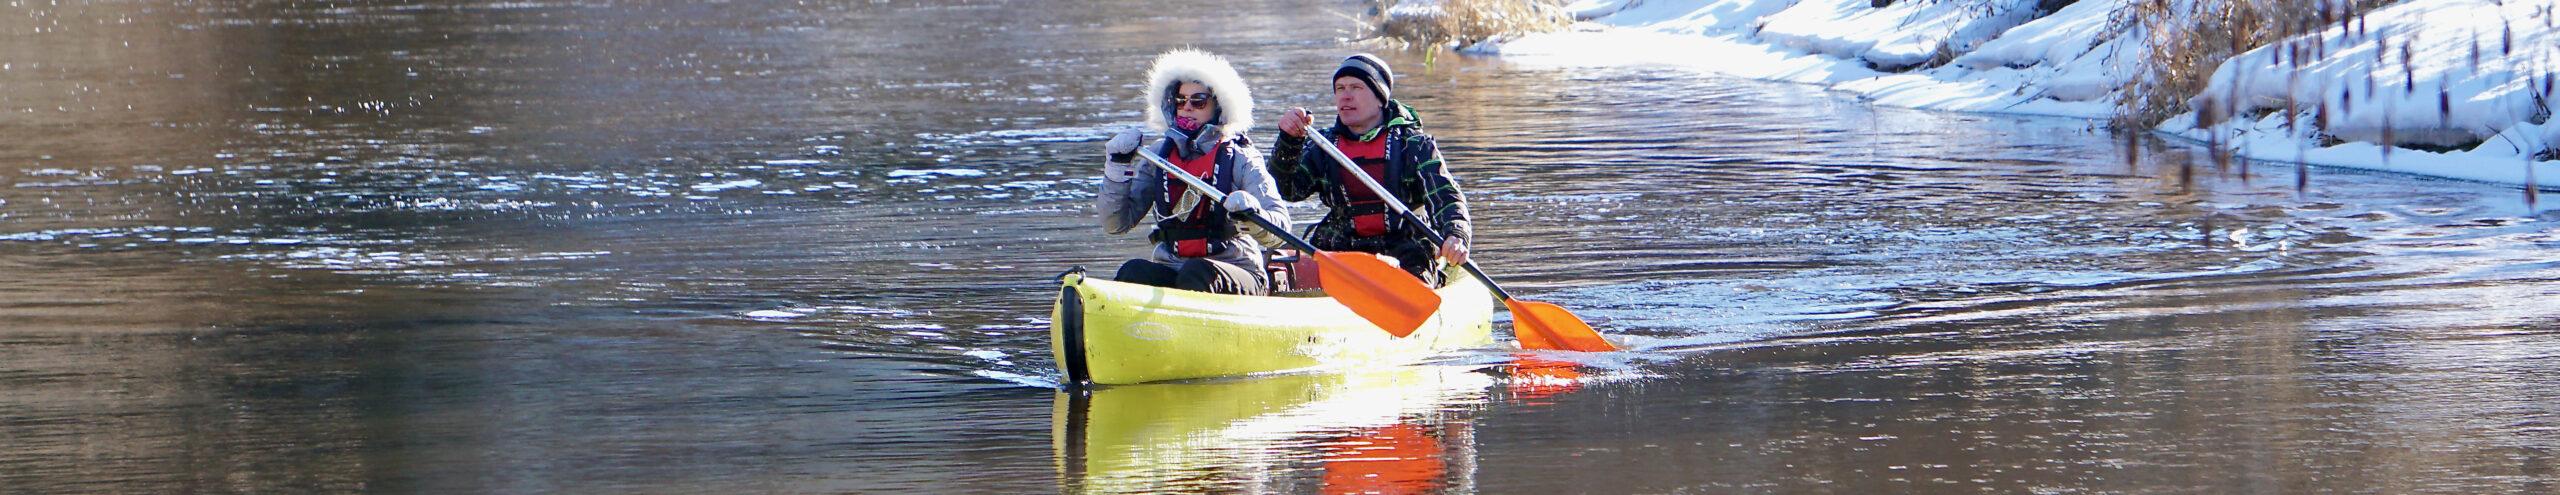 Kanuumatkajad jõel talvel